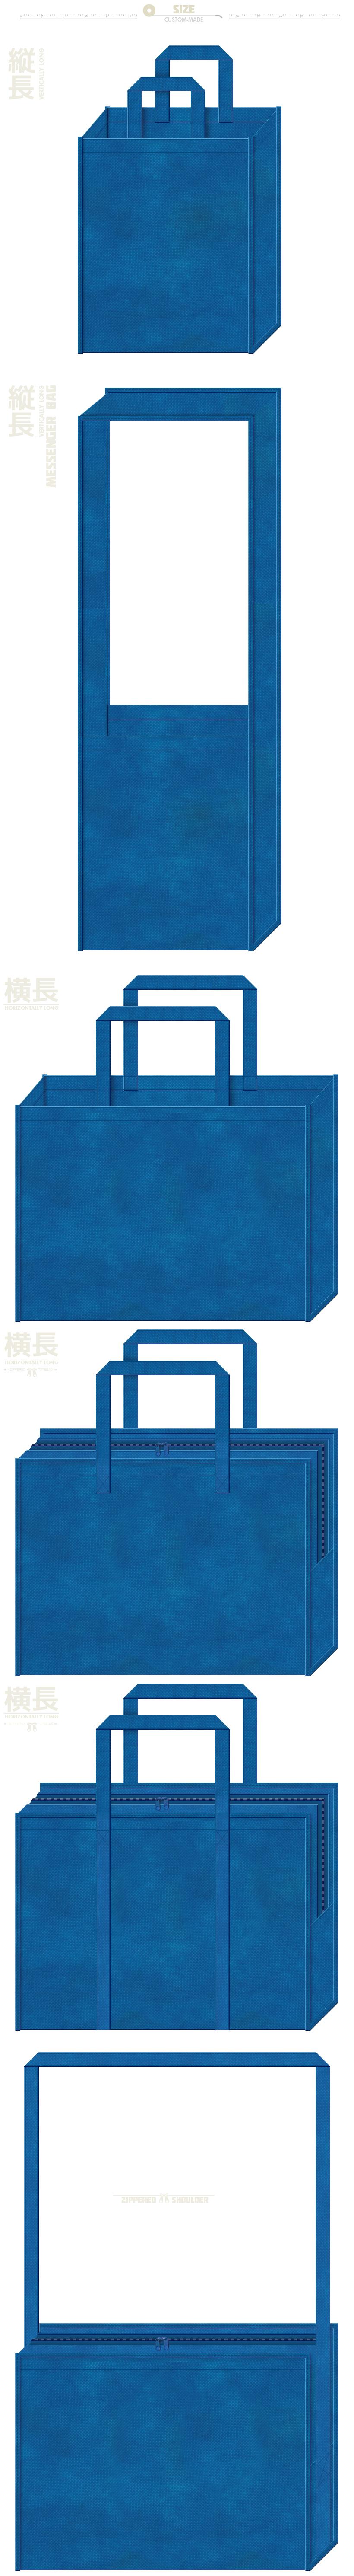 青一色の不織布スクエアトートバッグ。太陽光発電・人工知能・水素自動車・LEDにお奨めです。